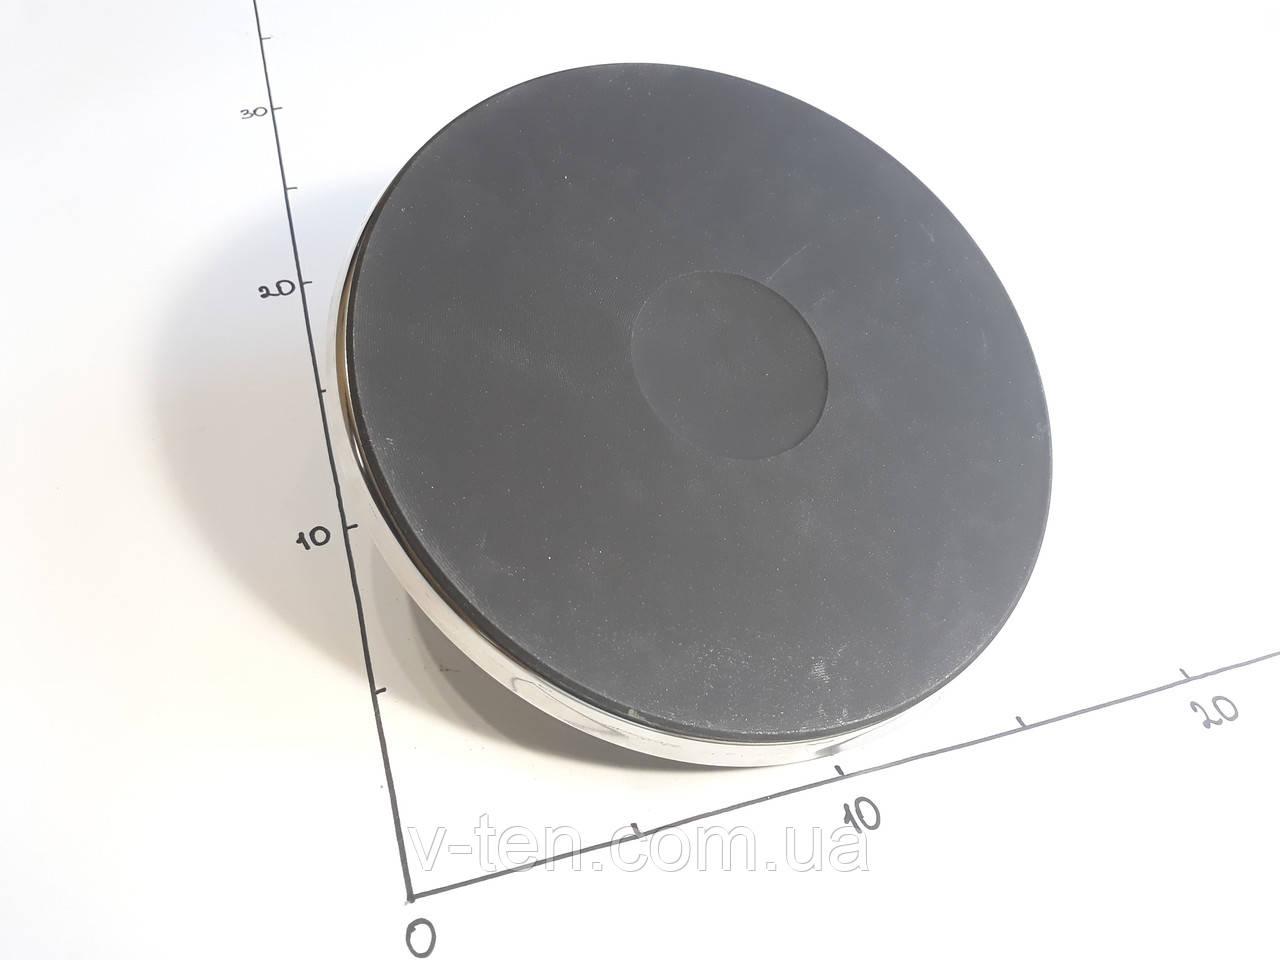 Электроконфорка Ø180 / 1500w (с двумя выводами для подключения)